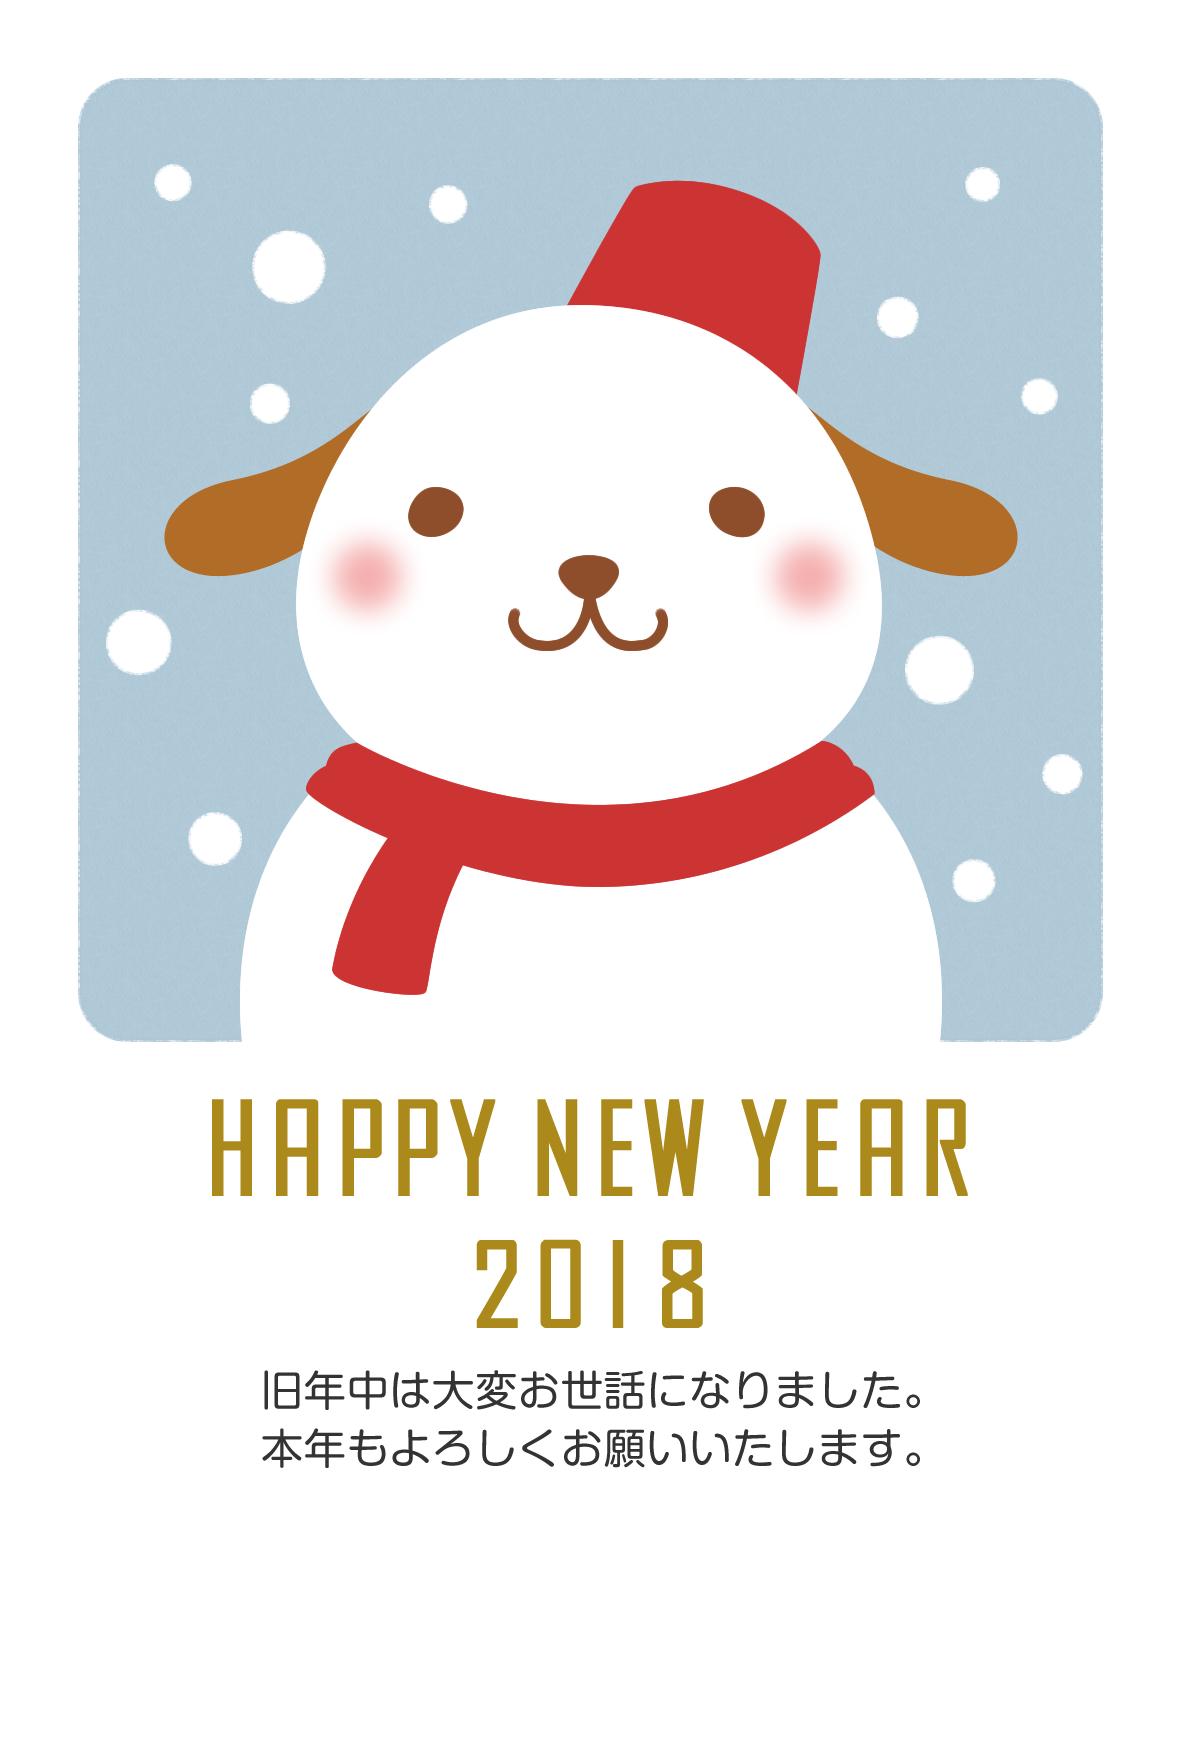 [年賀状2018無料テンプレート]雪だるまになった犬